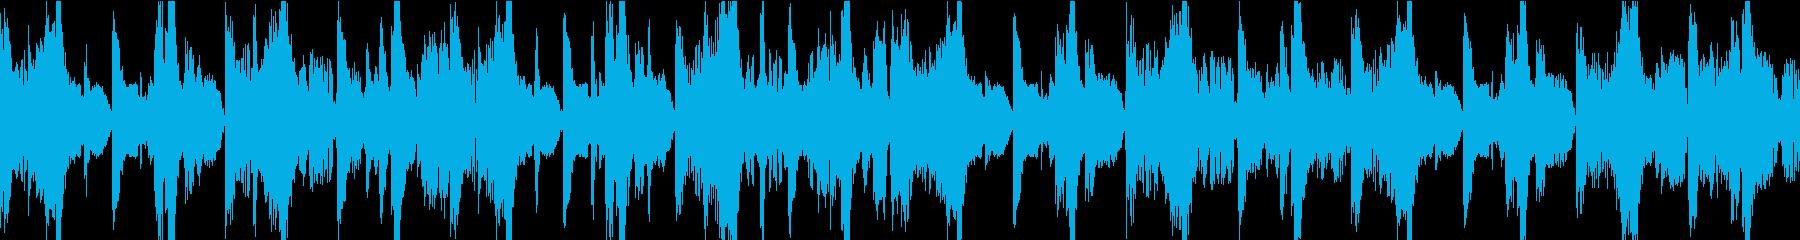 ファンキーなハウス/ダブステップ/...の再生済みの波形